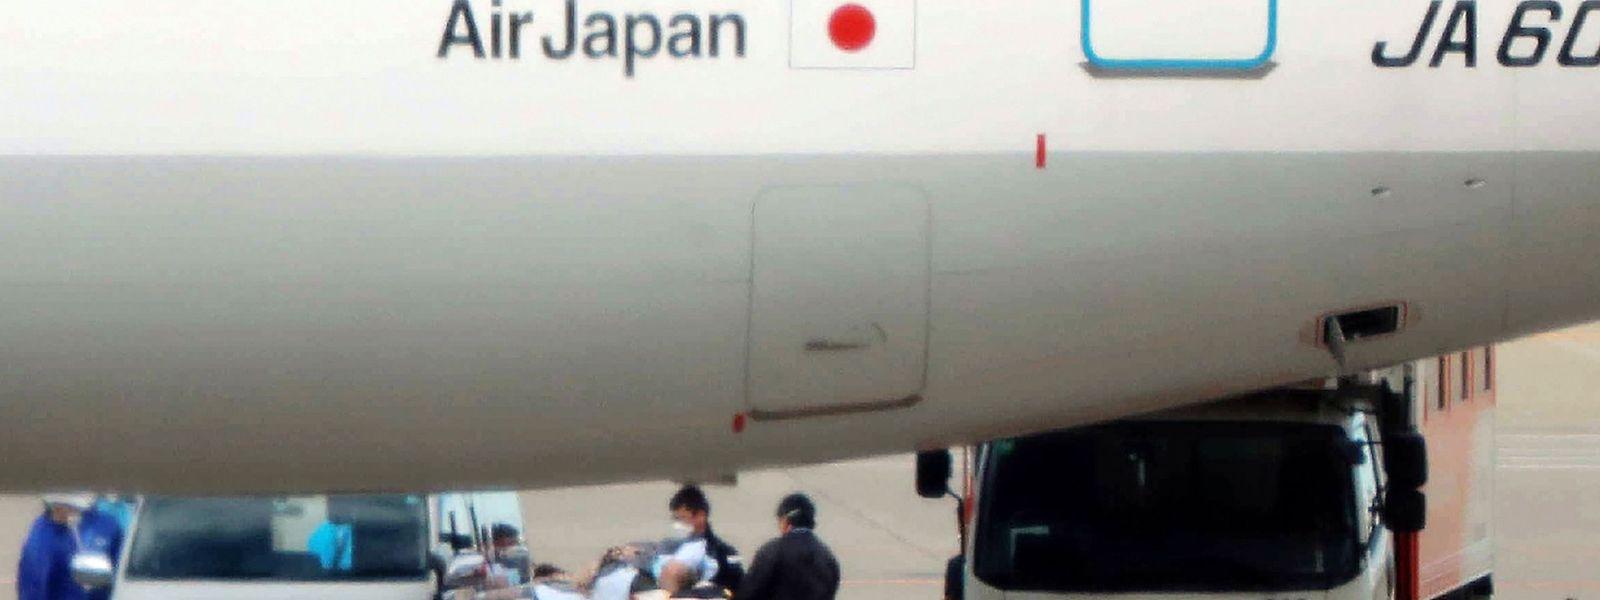 Vingt cas de coronavirus ont été à ce jour détectés au Japon